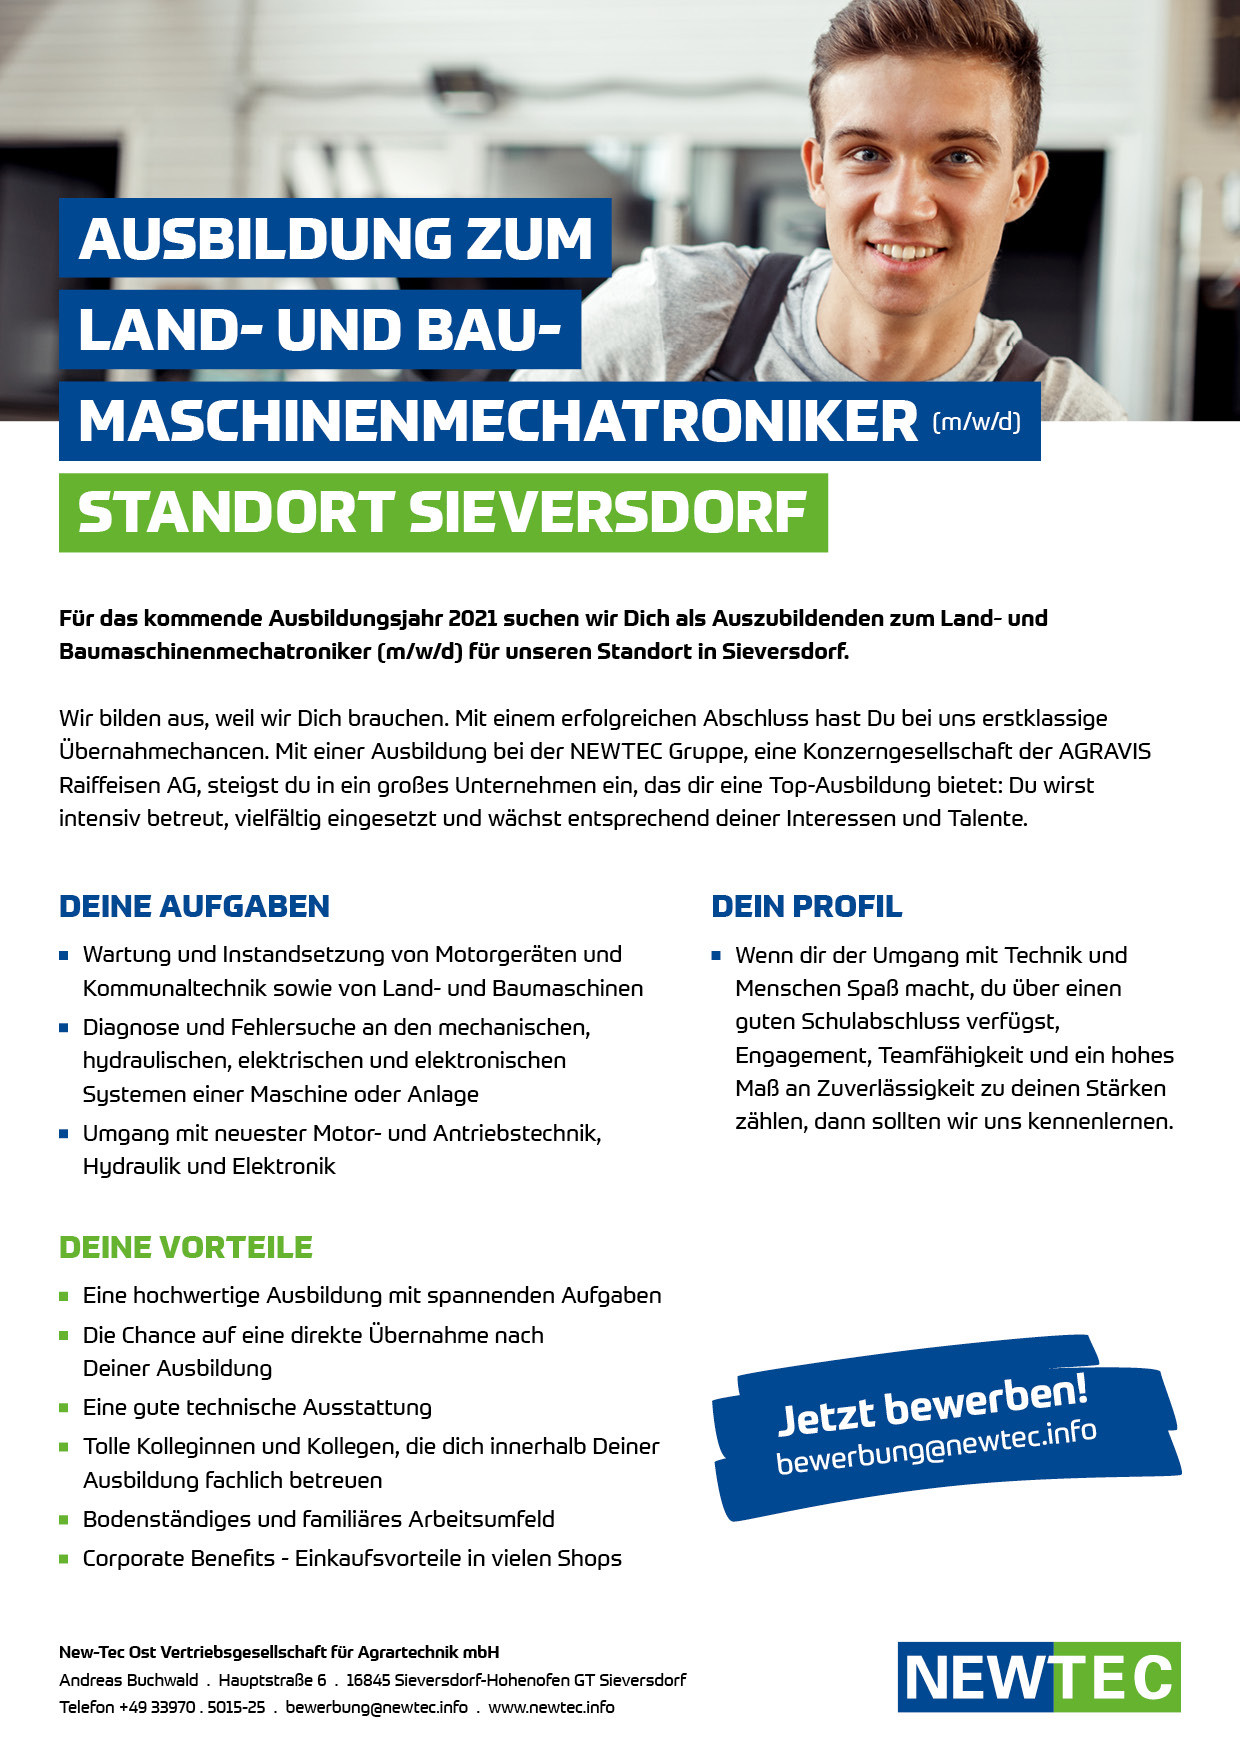 SCREEN_TE-NTOST-2021-29650_Stellenanzeige_Ausbildung_Land-_und_Baumaschinenmechatroniker_Sieversdorf